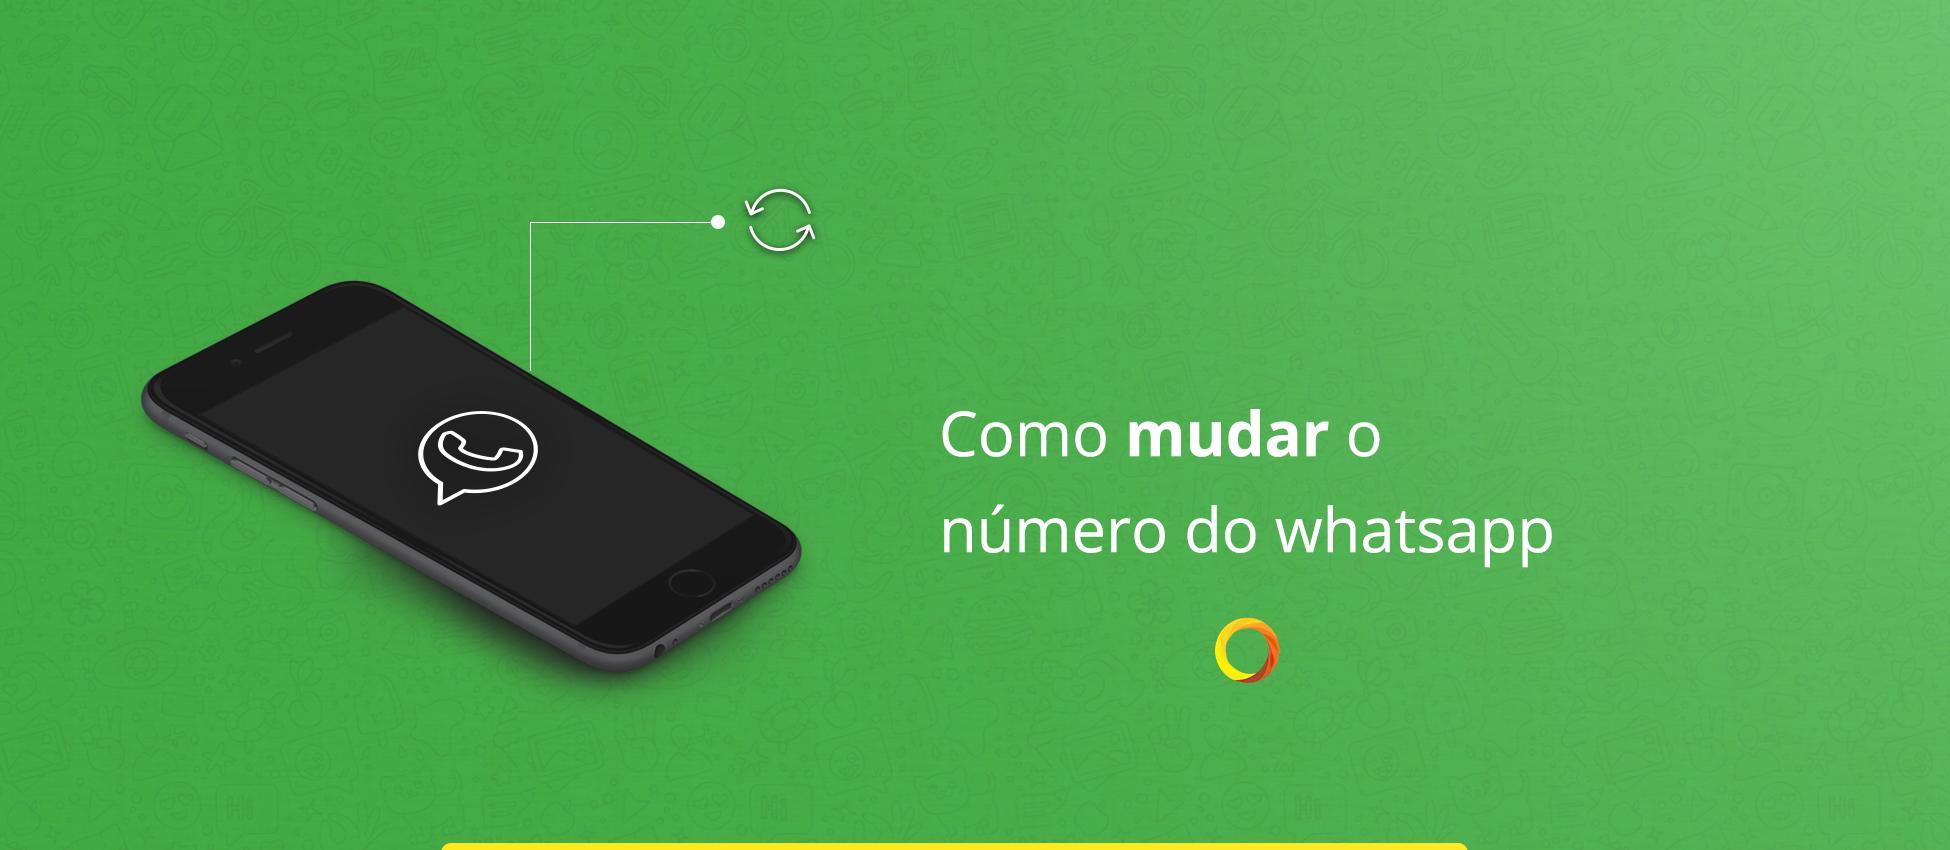 Portabilidade de Números - Como mudar o número do WhatsApp e manter os meus contatos e conversas?